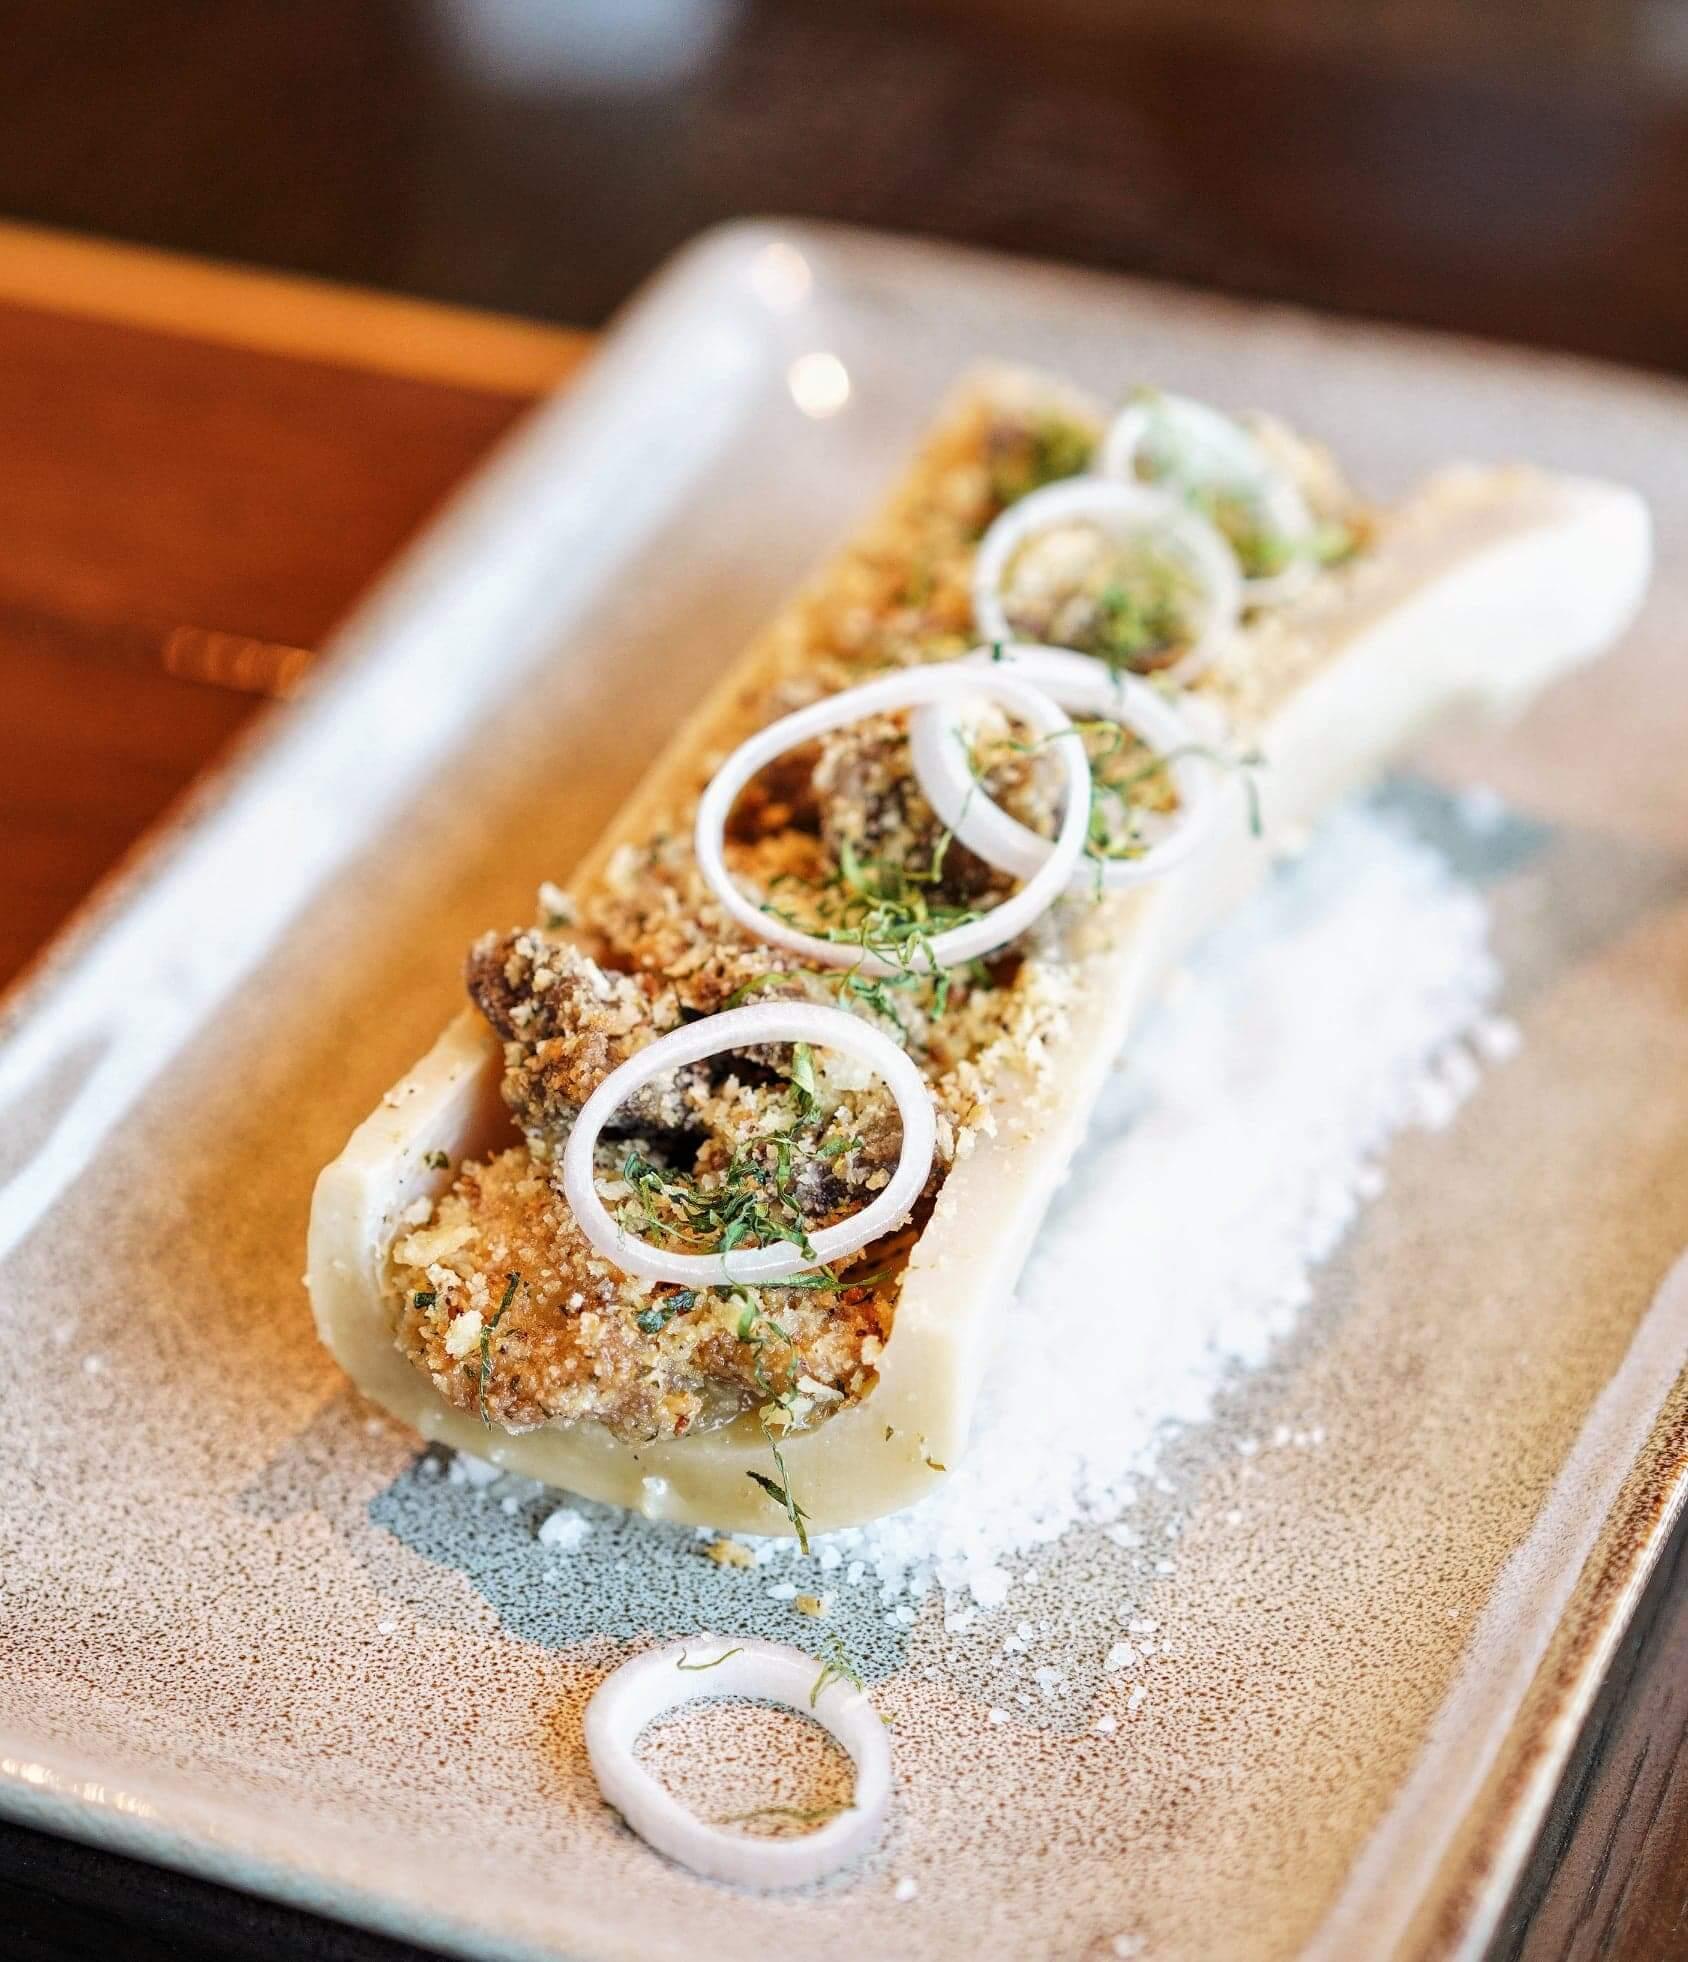 意式Gremolata及香芹沙律,作為前菜非常醒胃。